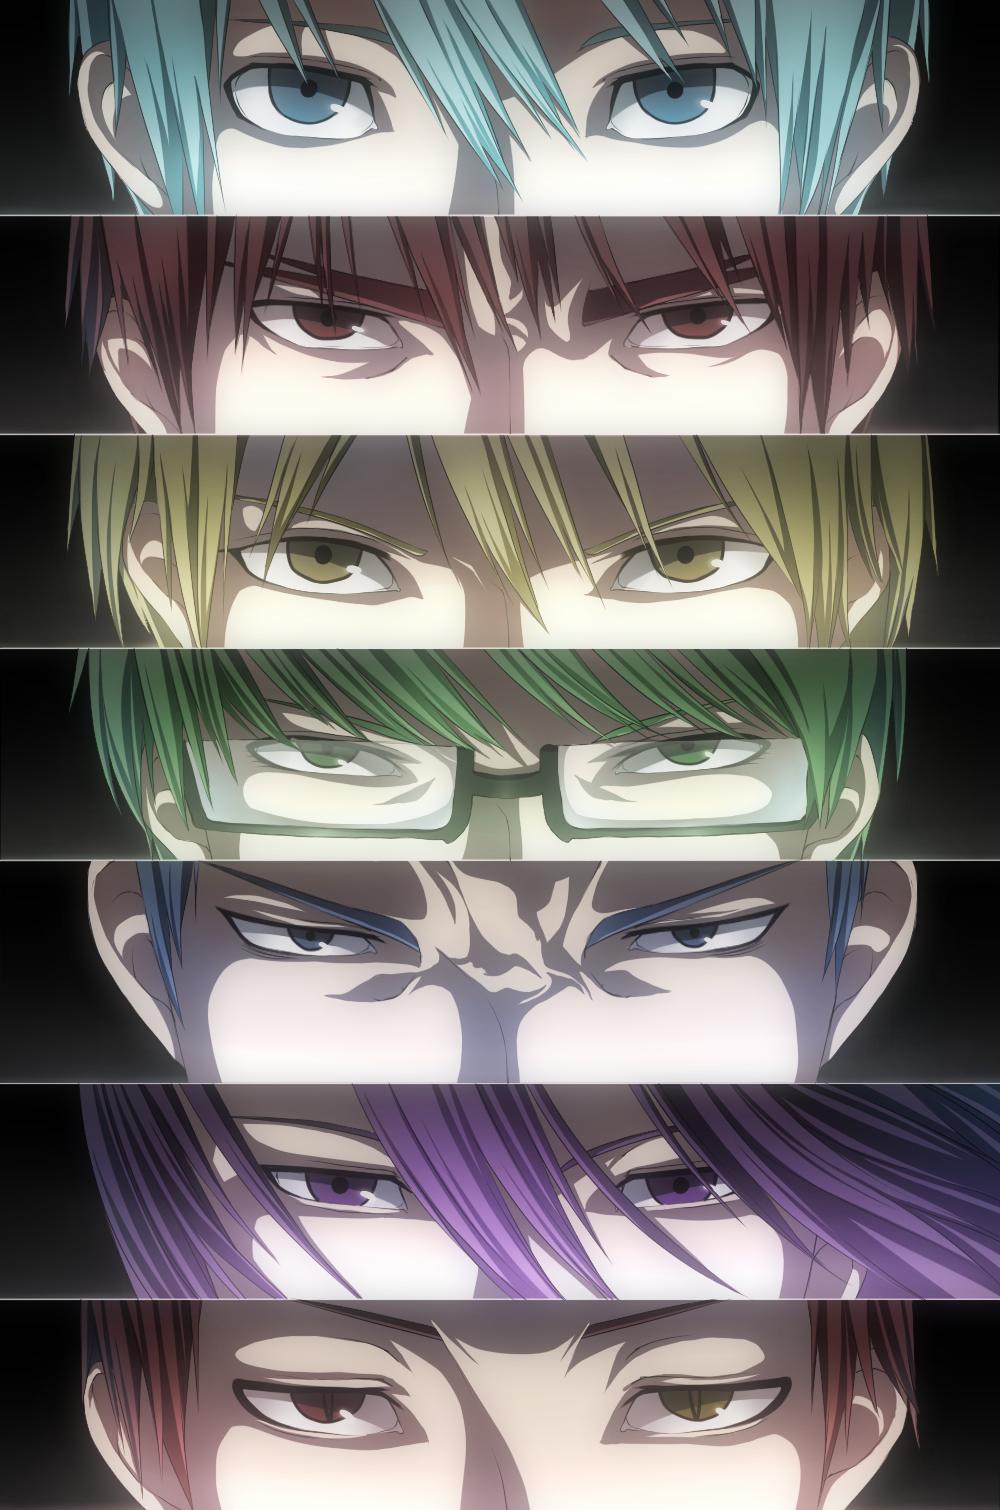 Tags Anime Hakura Kusa Kuroko No Basuke Midorima Shintarou Aomine Daiki